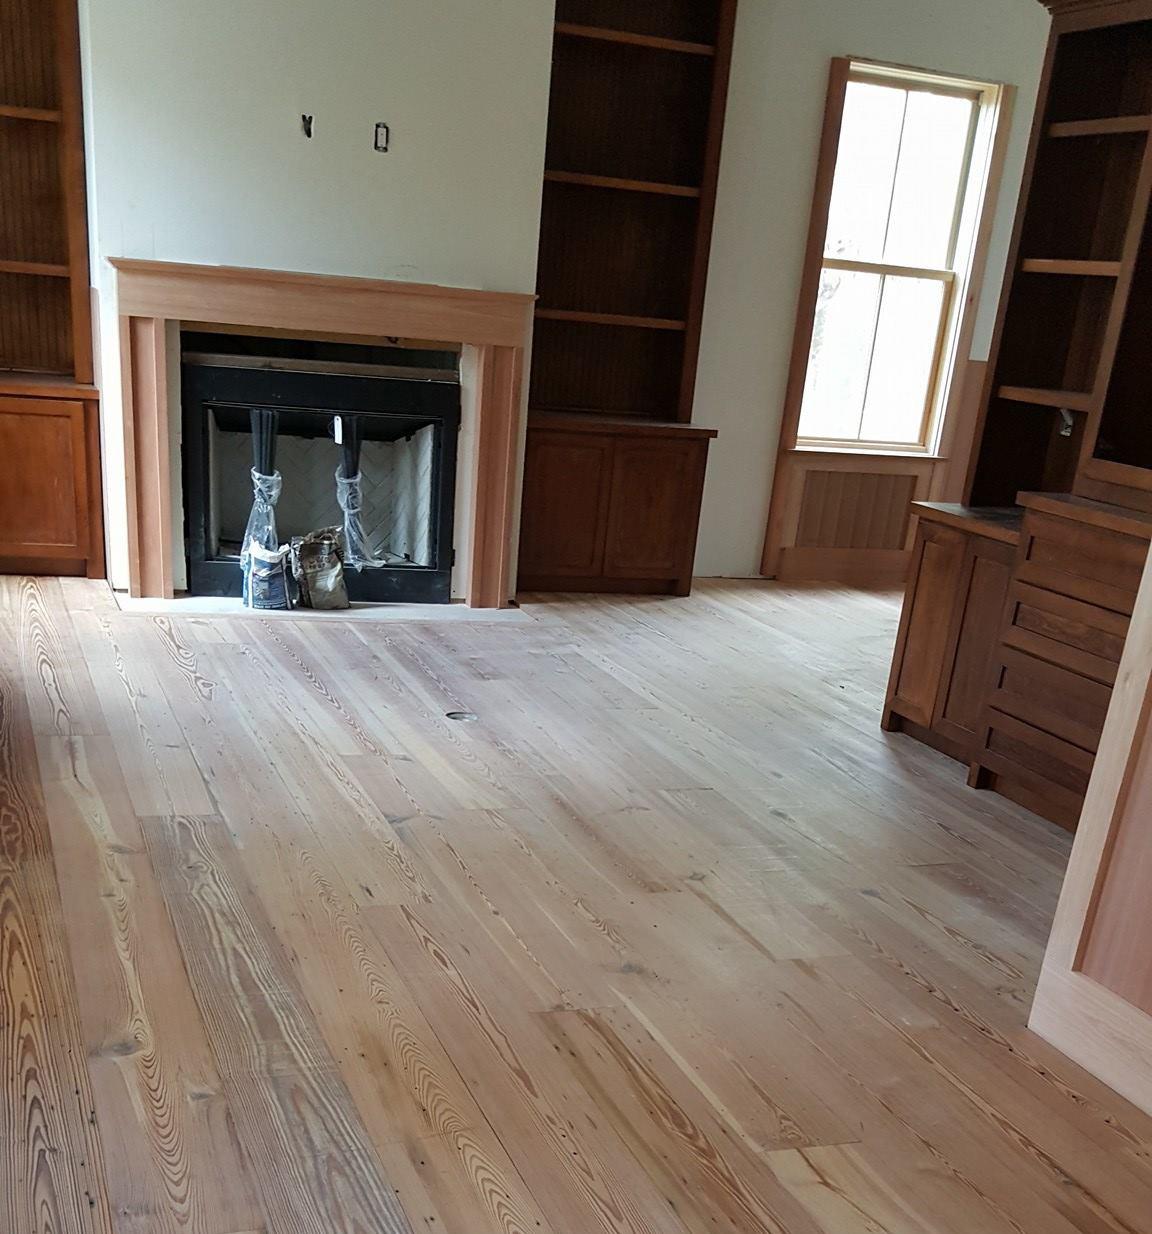 Hardwood Floor Varnish Of Olde Savannah Hardwood Flooring Regarding Sand and Refinish Existing Floors